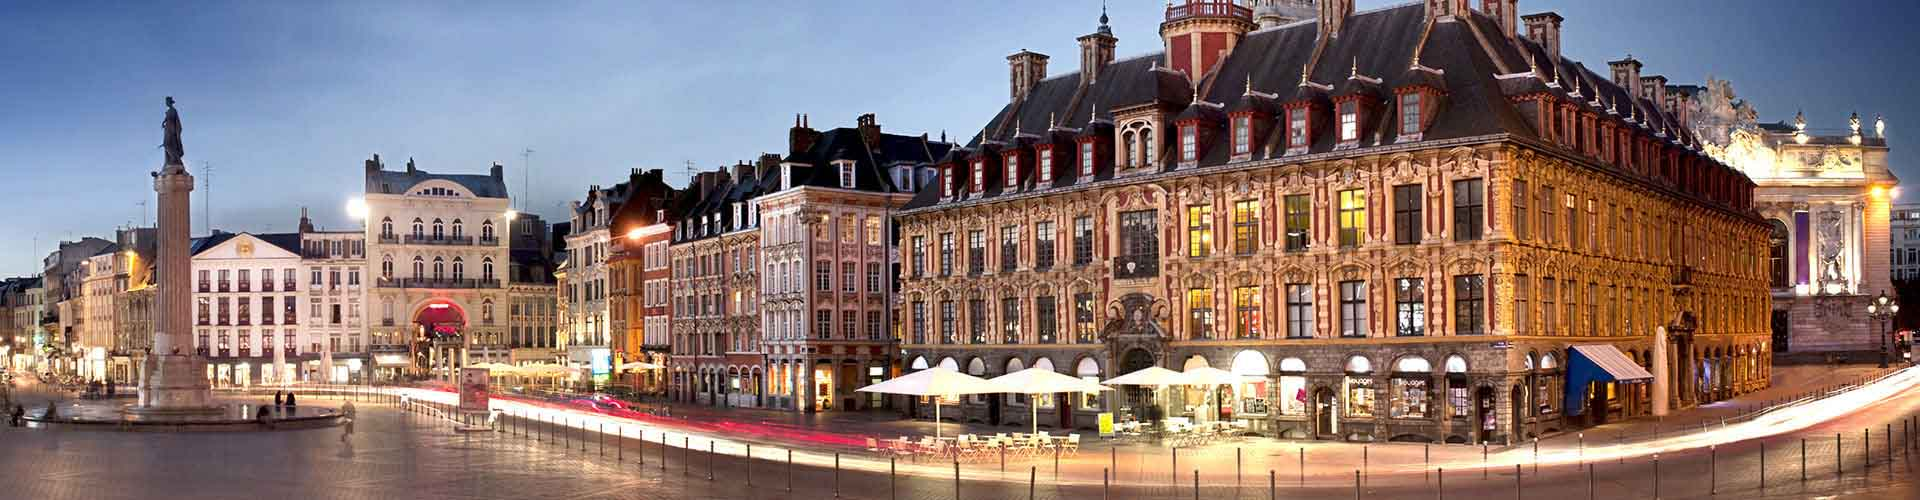 Lille - Apartments nahe Bahnhof Gare de Lille-Flandres. Lille auf der Karte. Fotos und Bewertungen für jedes Apartment in Lille.